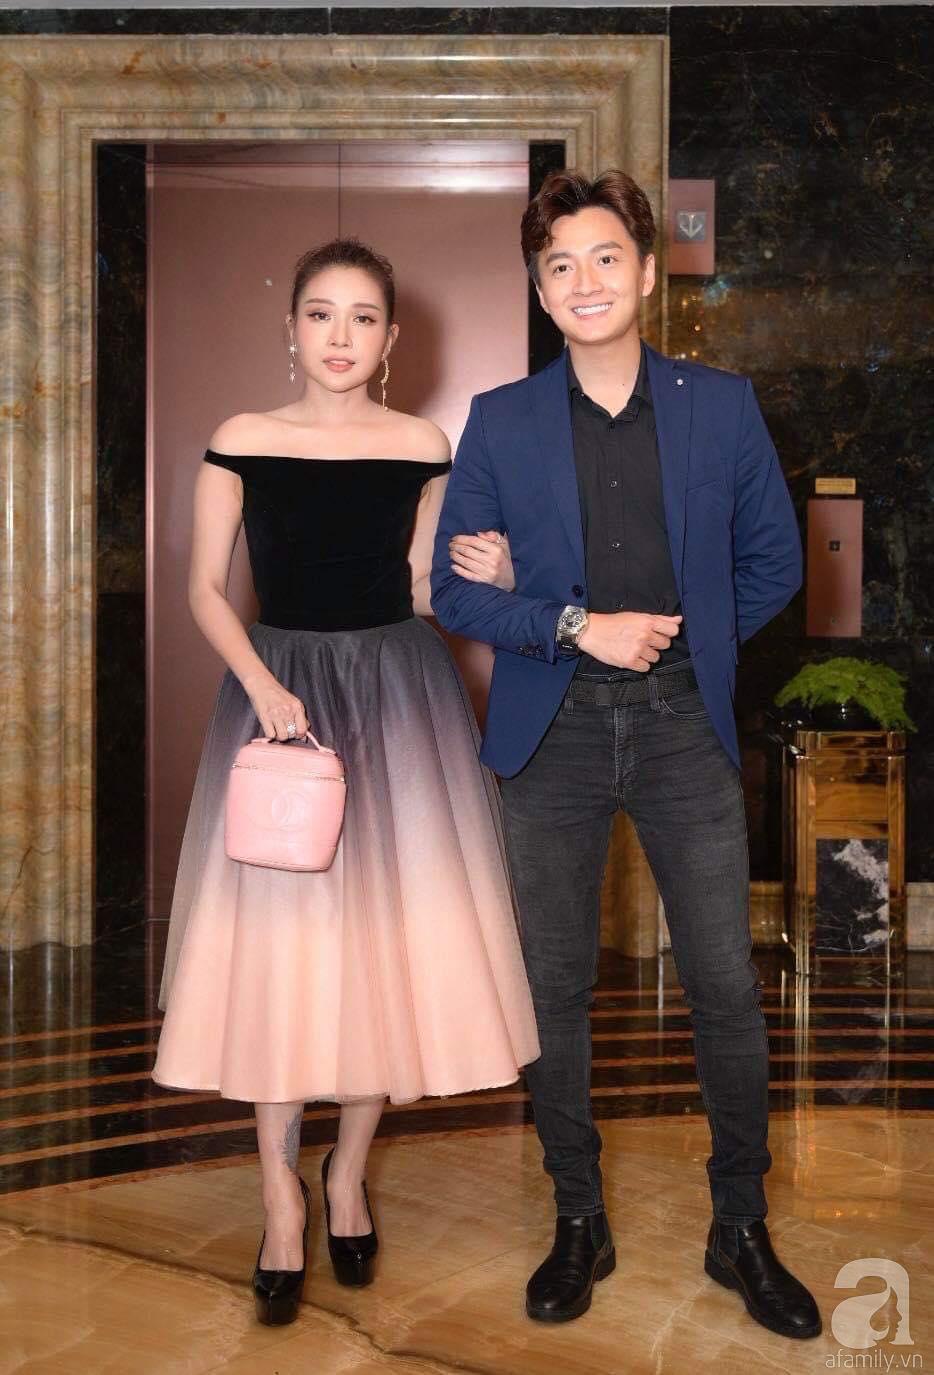 Trấn Thành - Hari Won, Ninh Dương Lan Ngọc cùng loạt sao Việt đến sự đám cưới đạo diễn Cua lại vợ bầu - Ảnh 4.